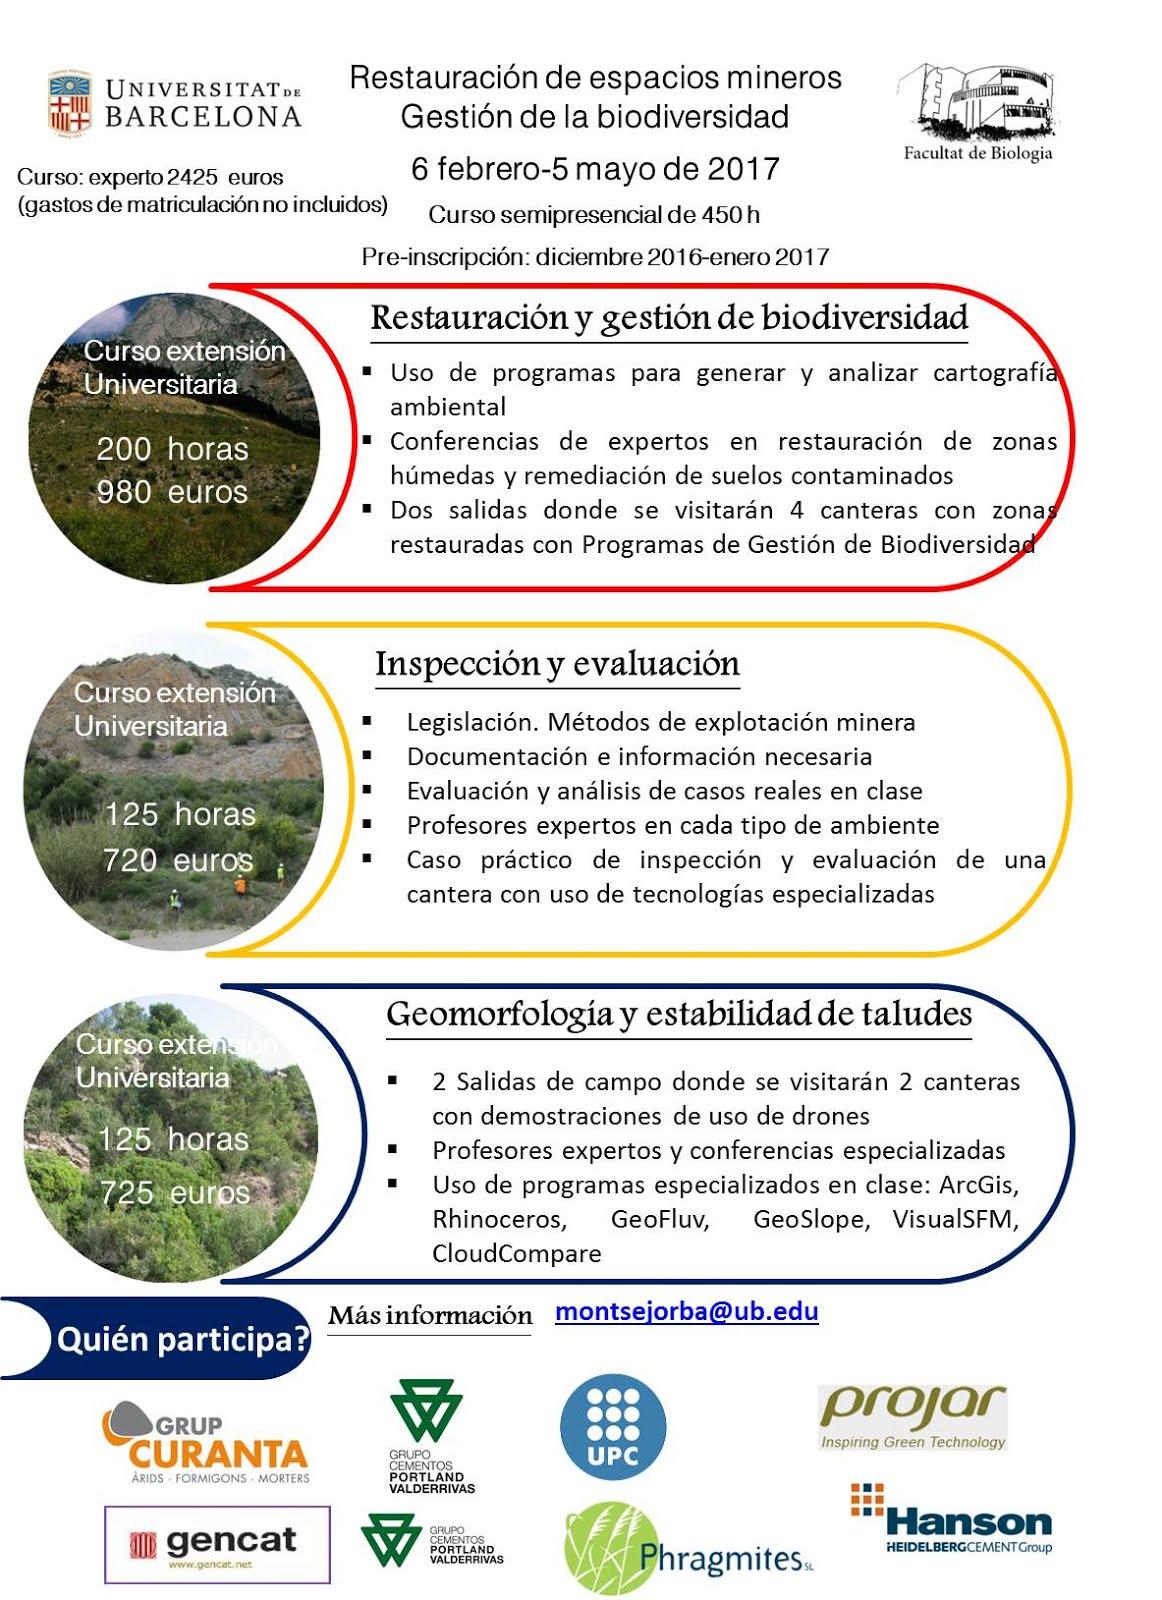 CURSOS DE POSTGRADO 2016-2017